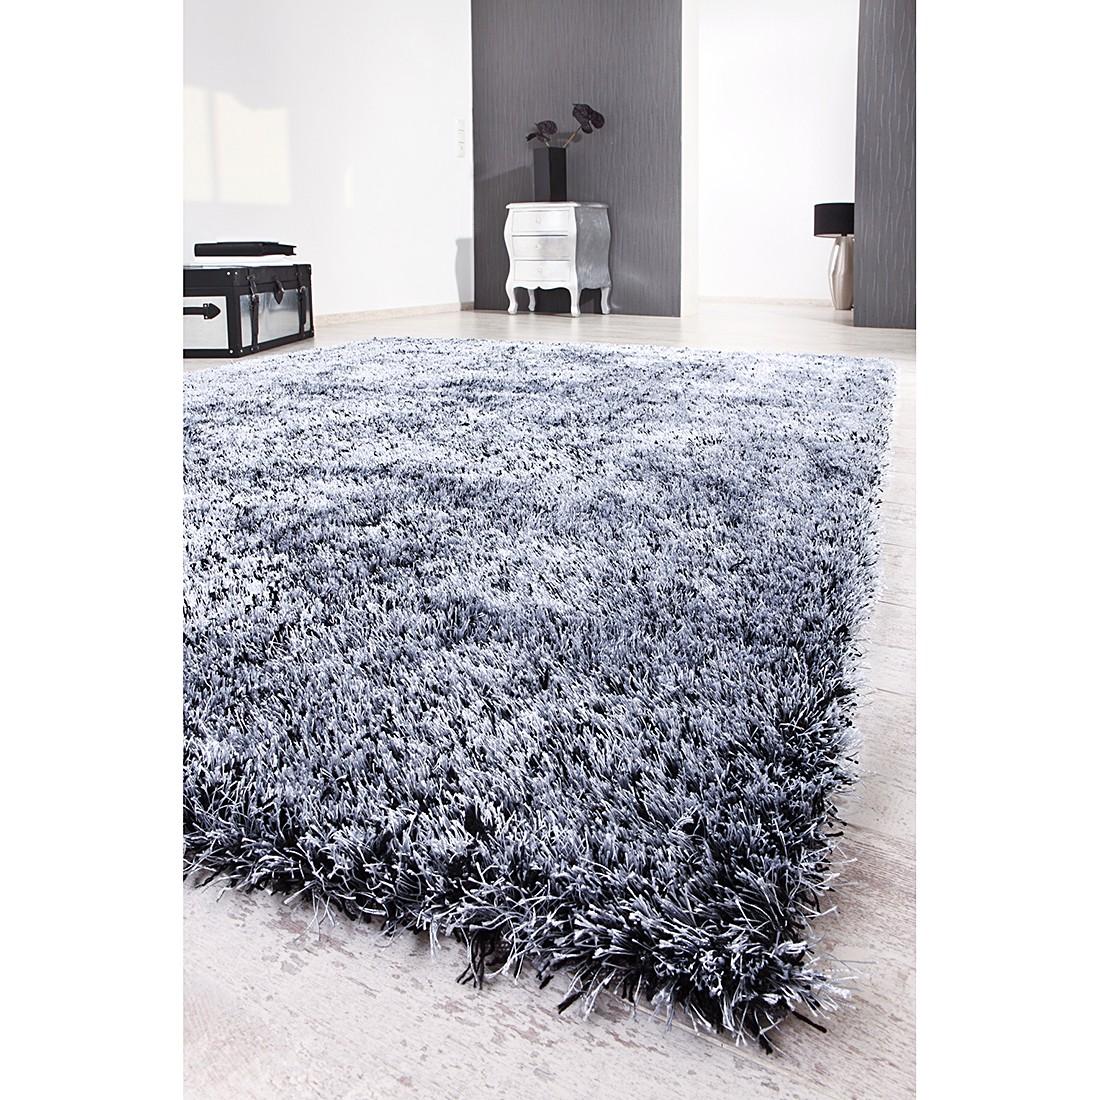 Teppich Sassari – Silber – 70 x 140 cm, Luxor living günstig kaufen